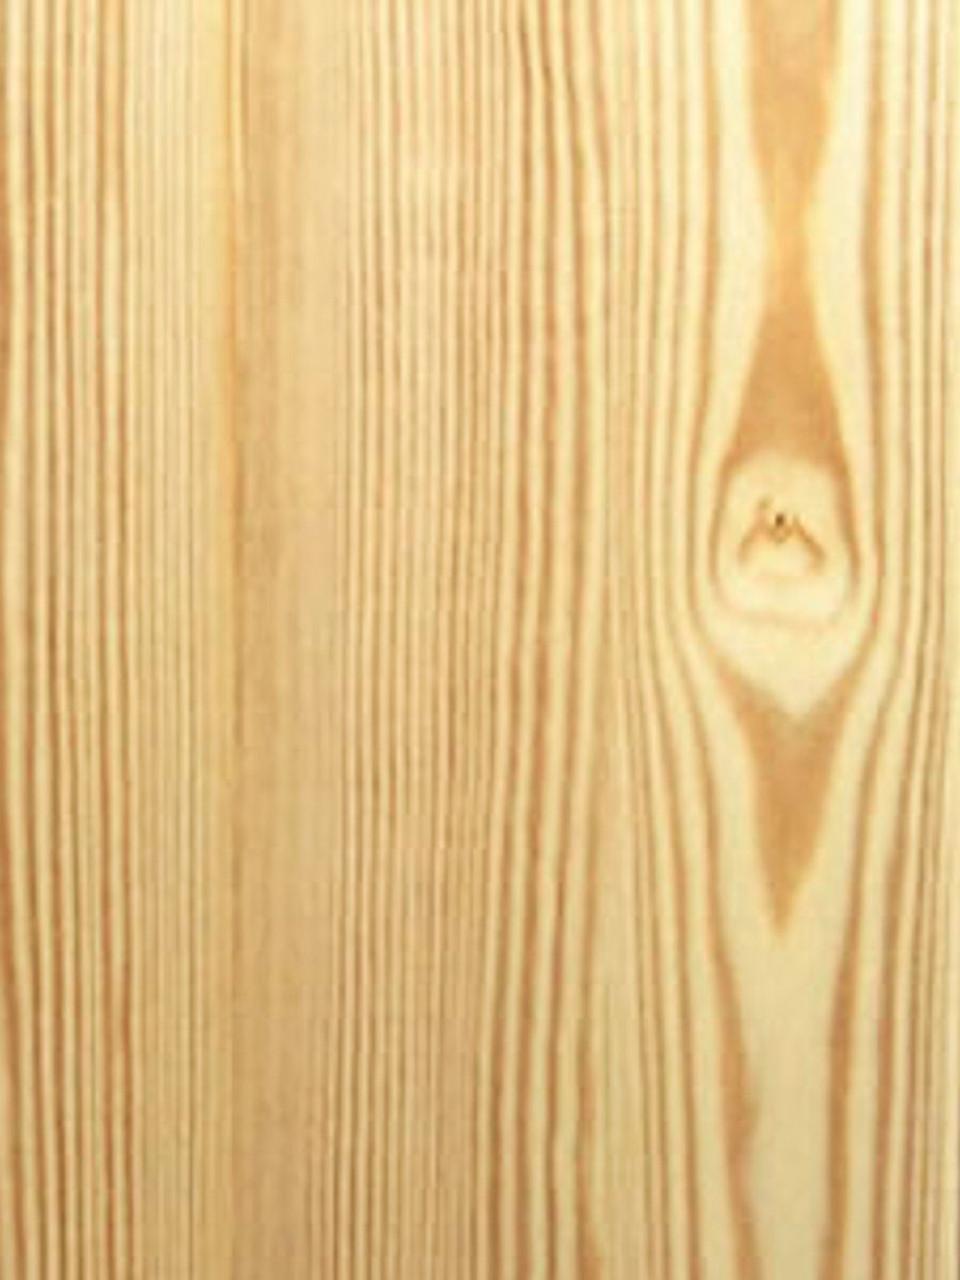 Yellow Radiata Pine